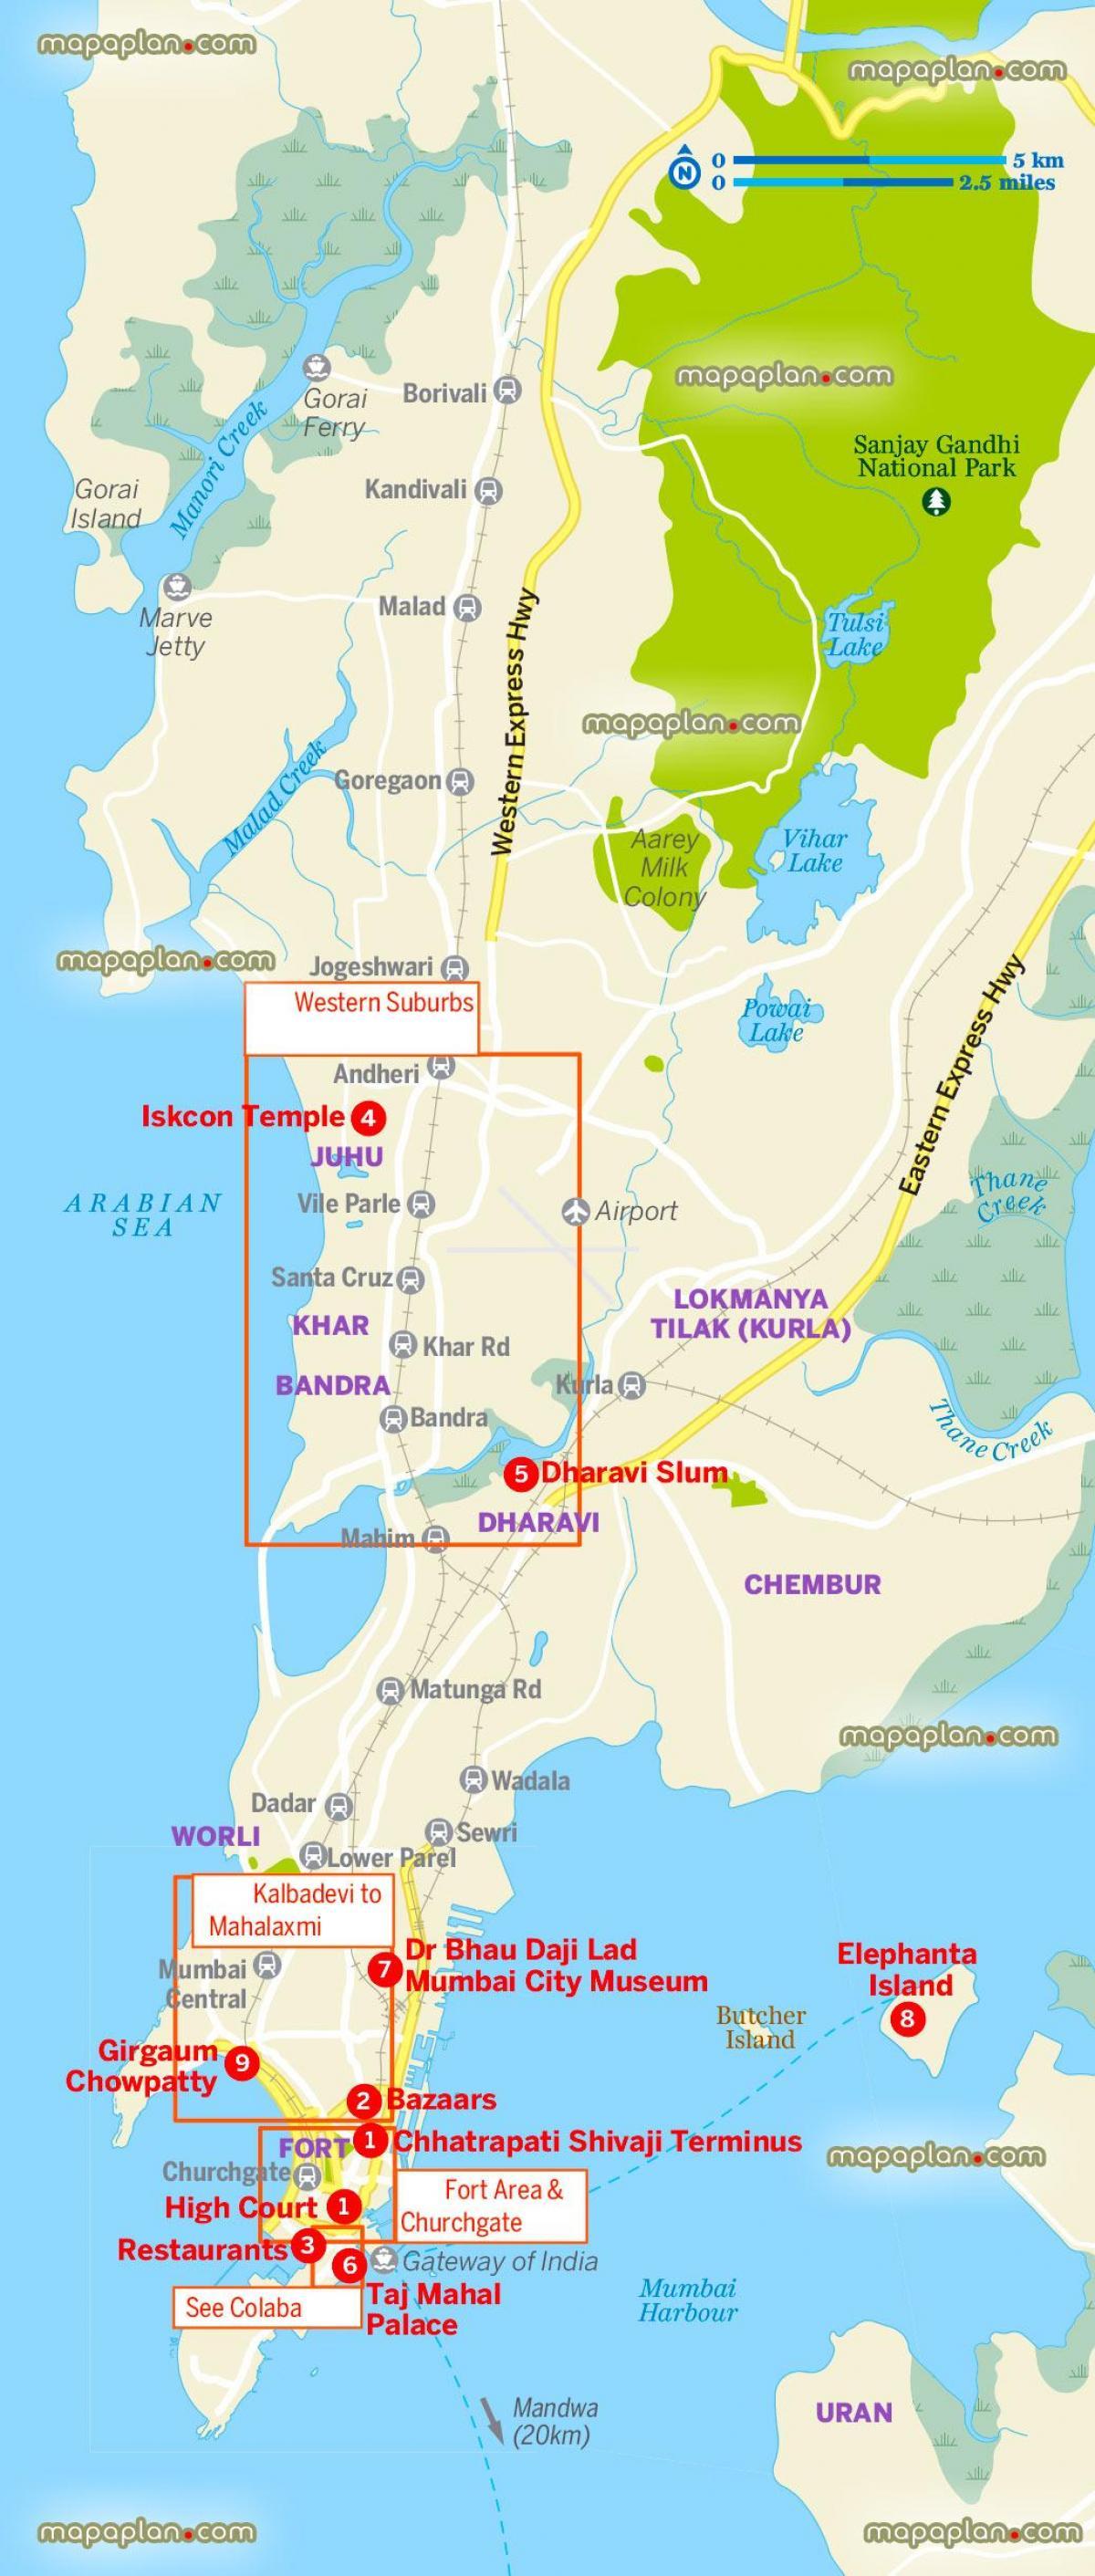 Mayor mumbai mapa mapa de mayor mumbai maharashtra india mapa de mayor mumbai gumiabroncs Gallery